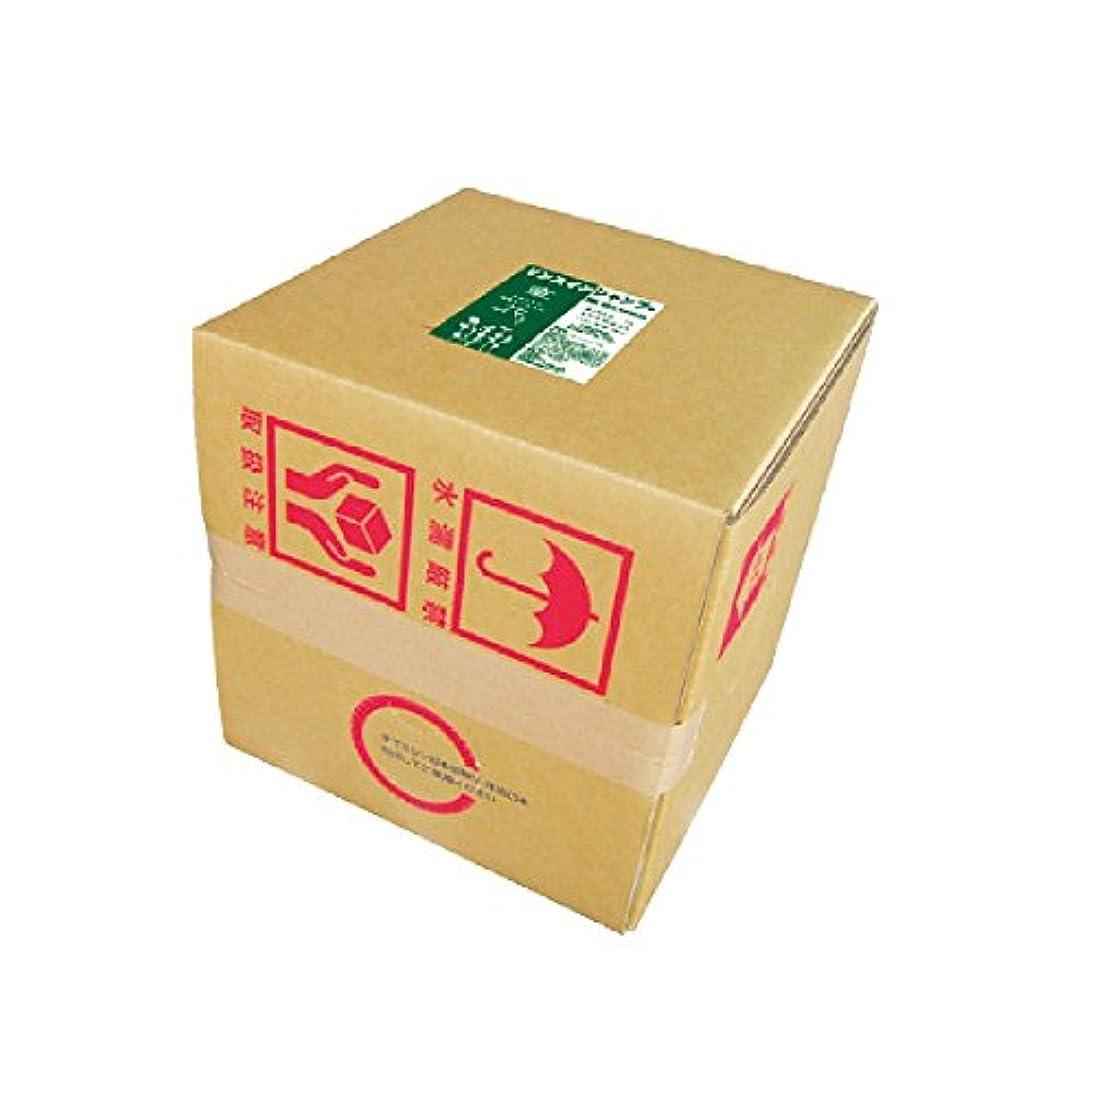 生産性両方倉庫くさの葉化粧品 リンスインシャンプー 草花 5リットル